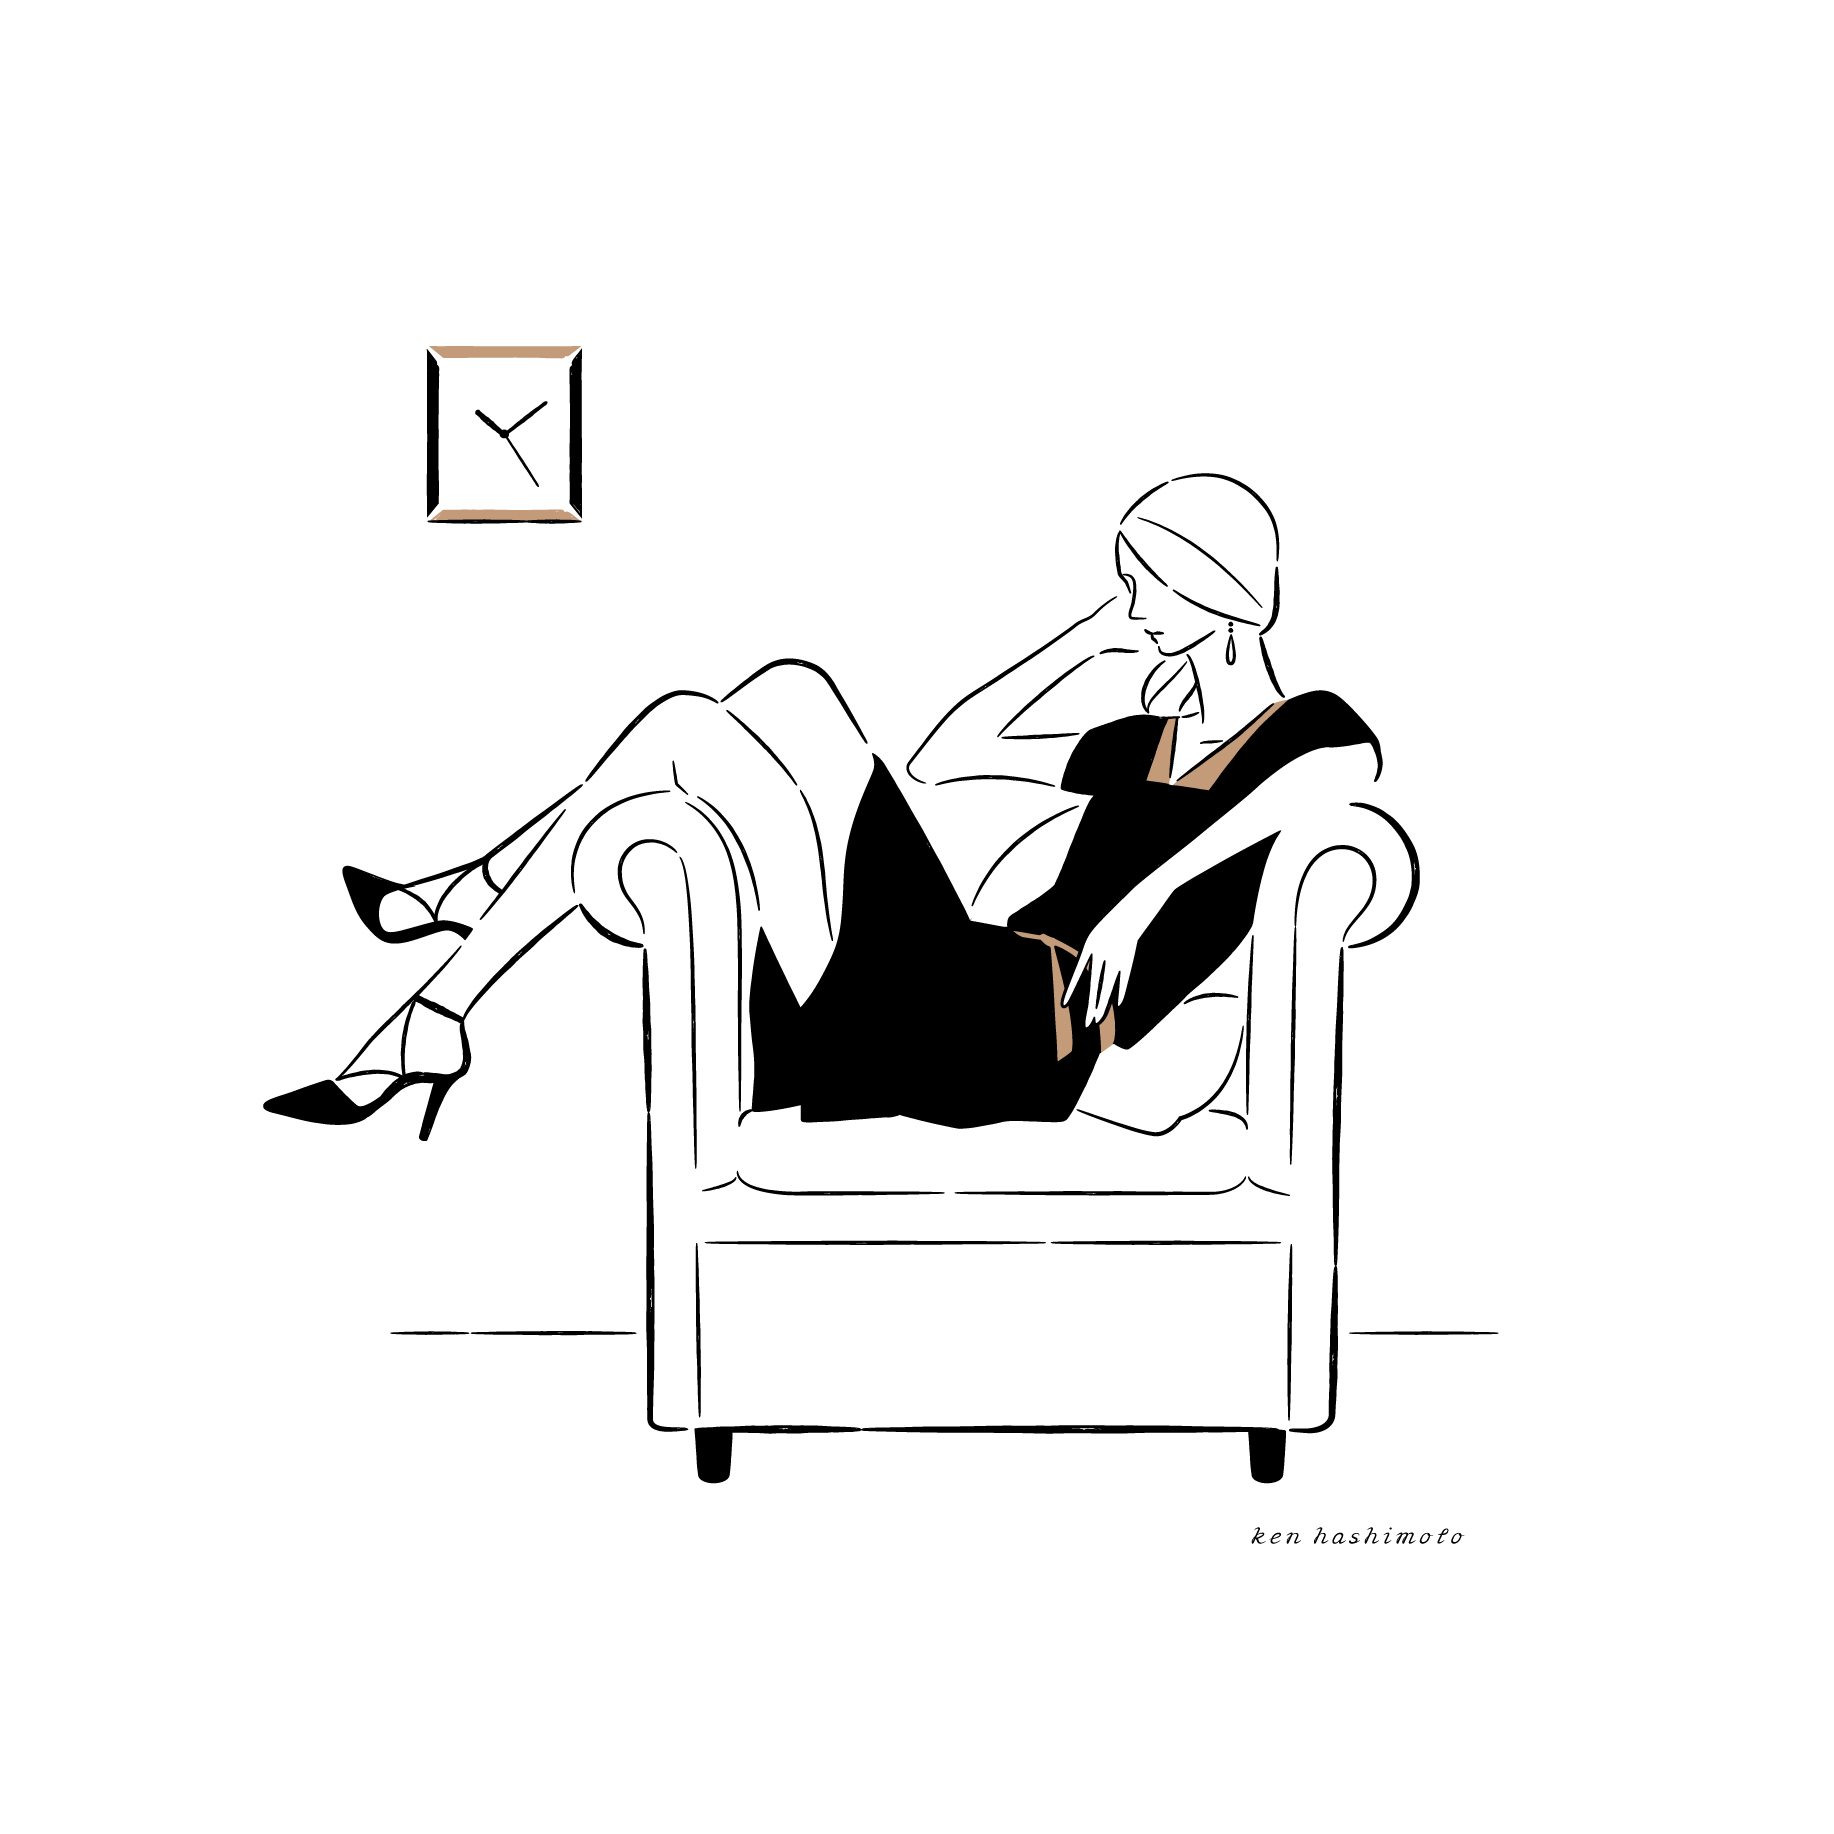 時計とソファと女性 ファッションイラスト